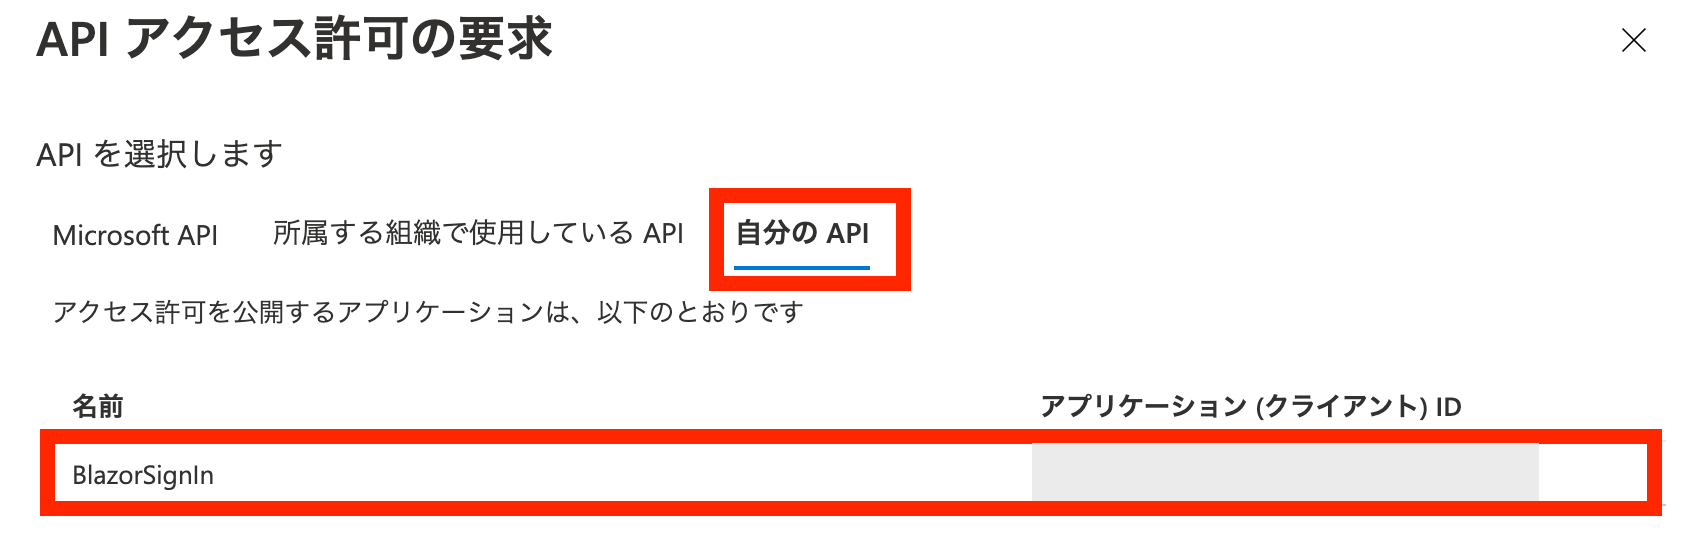 azure-active-directory-b2c